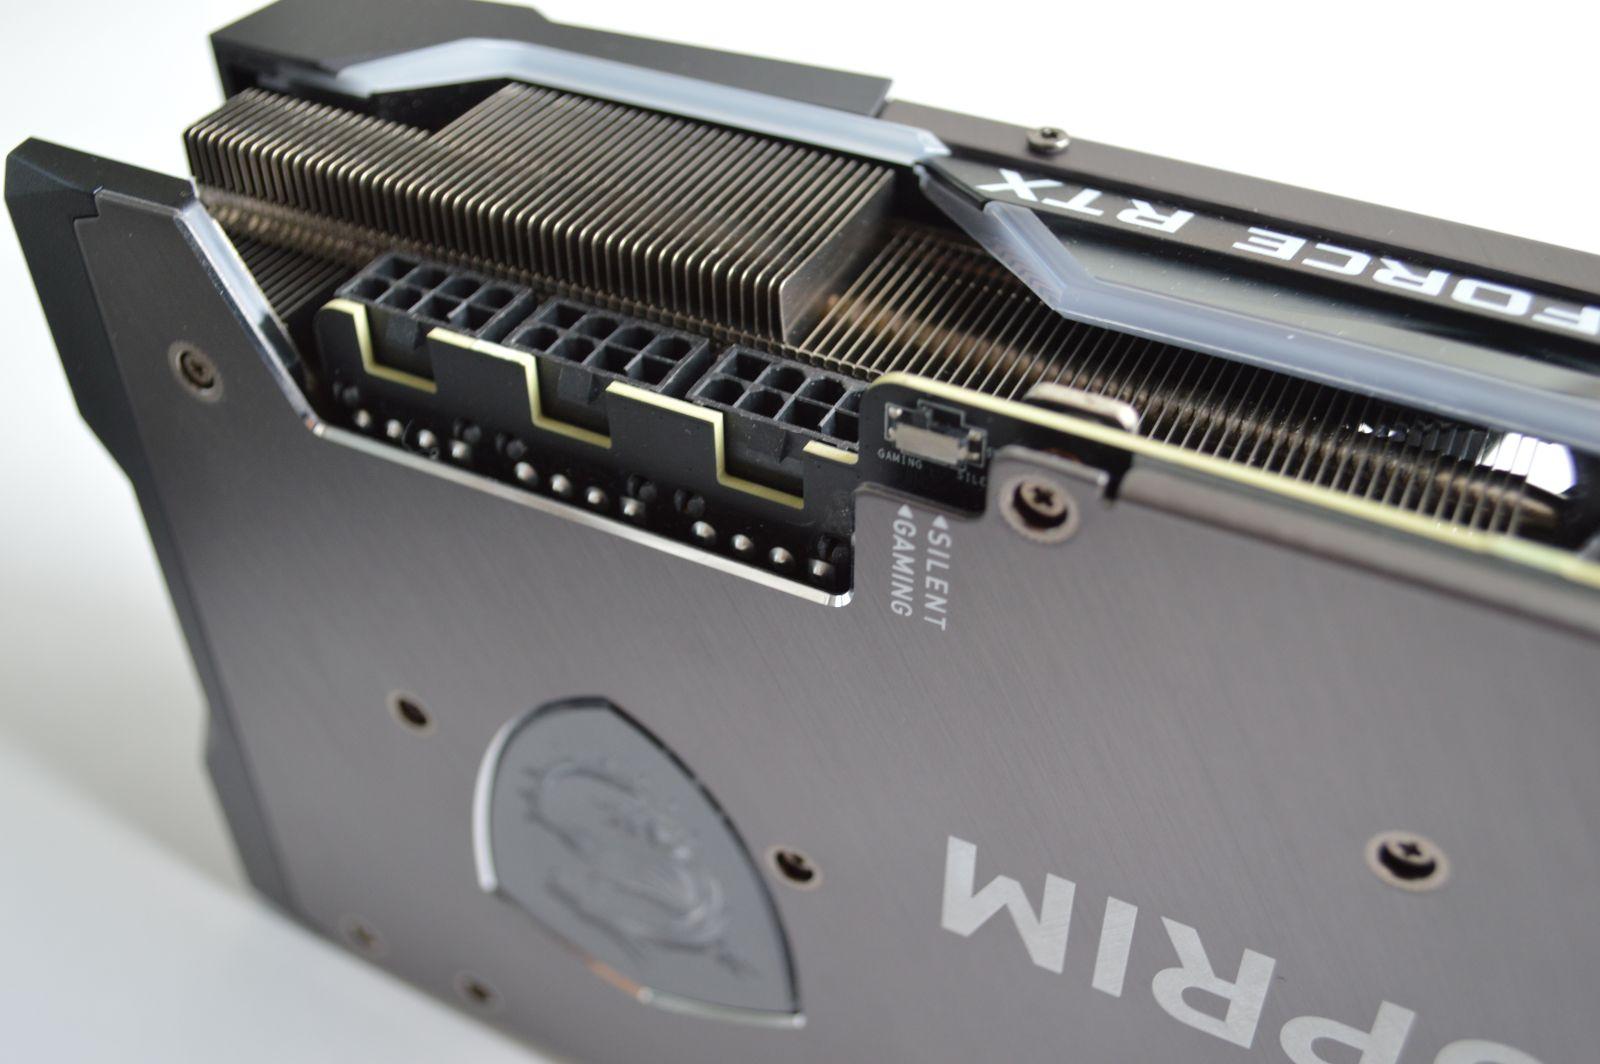 MSI GeForce RTX 3080 Suprim X 10G modes